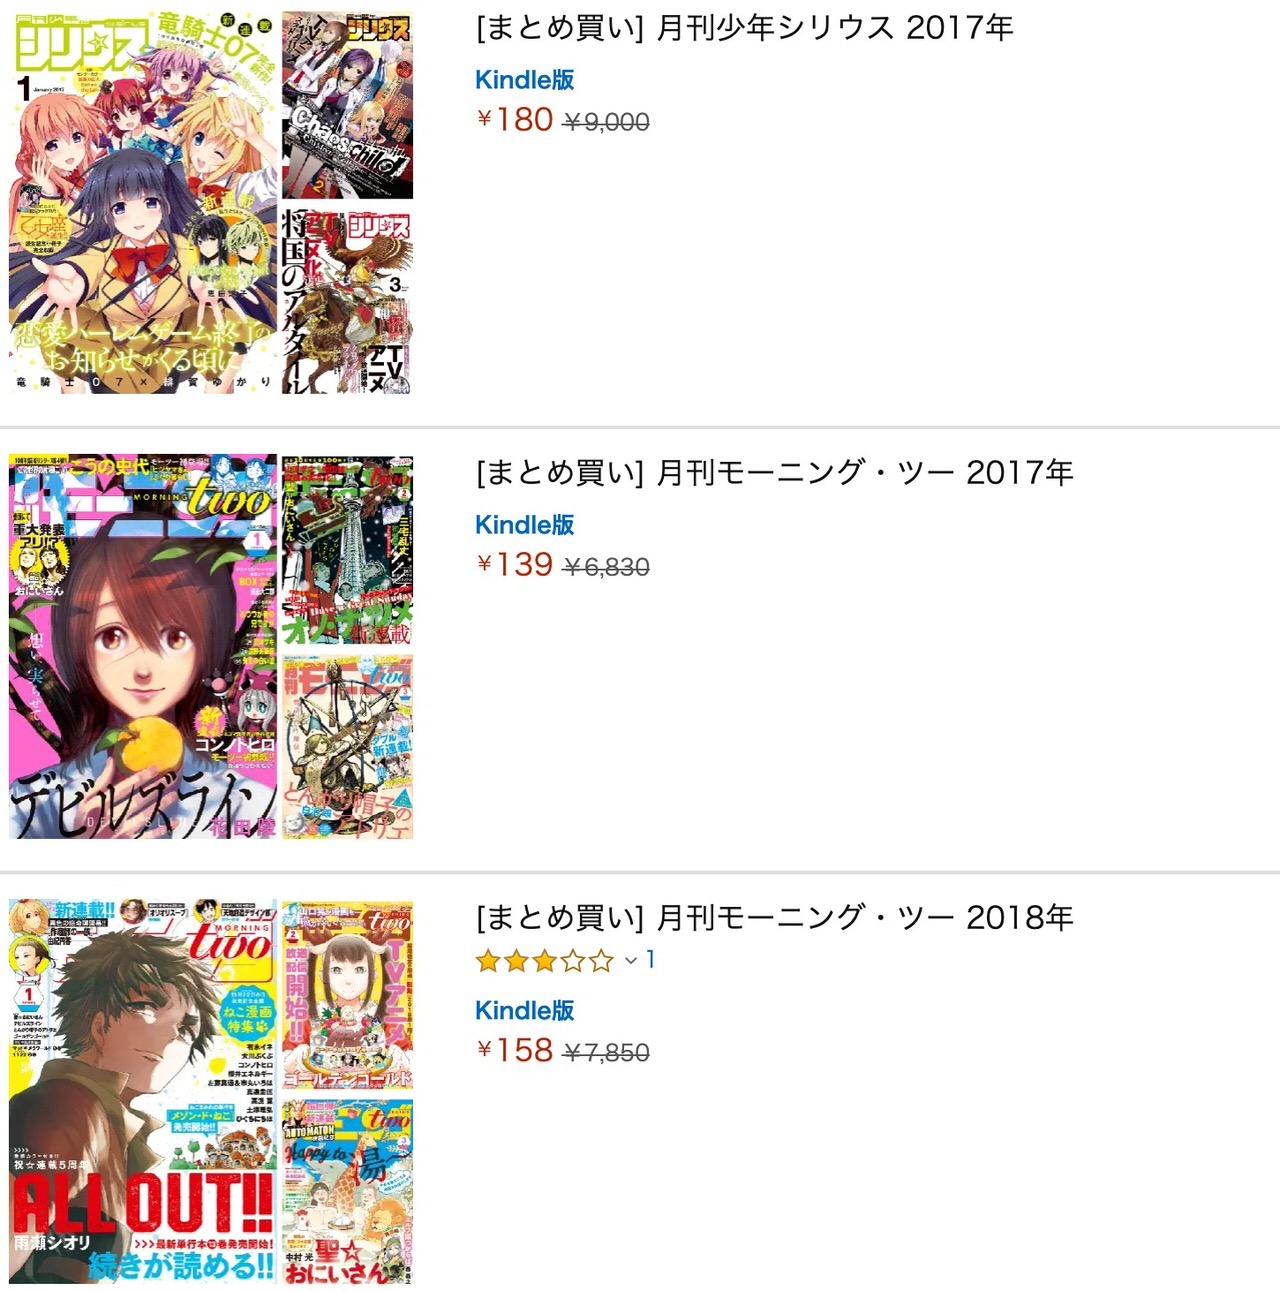 【Kindleセール】2017&2018年のコミック誌まとめ買いが12冊まとめて132円から 〜アフタヌーン、シリウス、モーニング・ツーなど